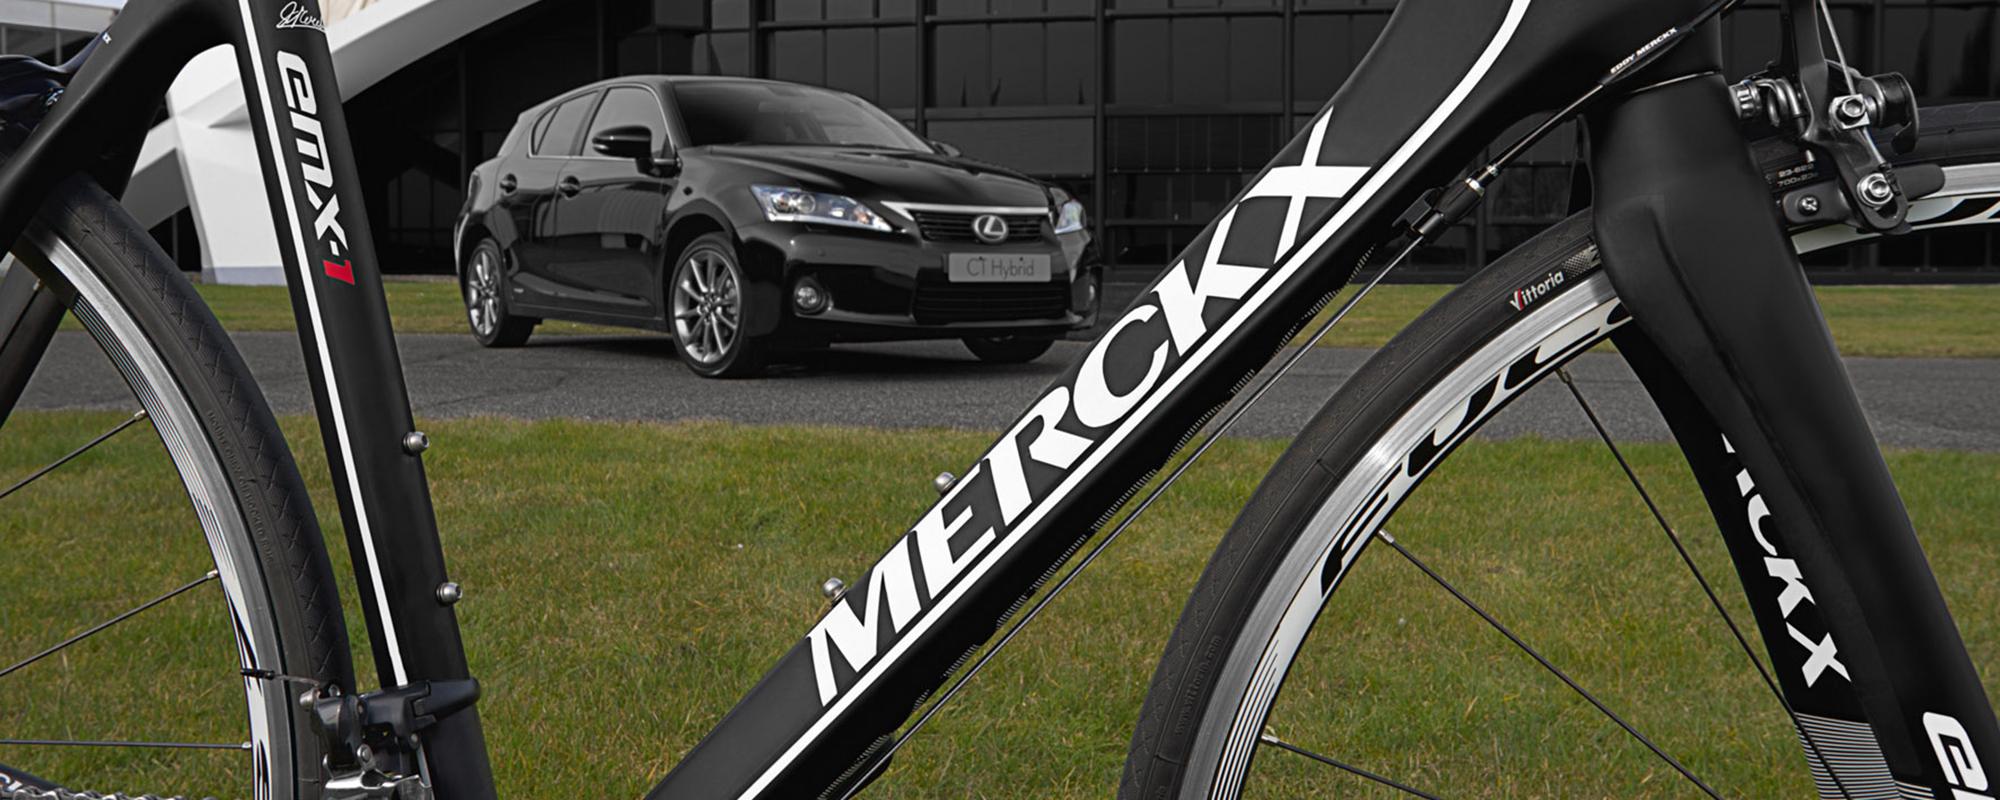 Eddy Merckx en Lexus breiden samenwerking uit